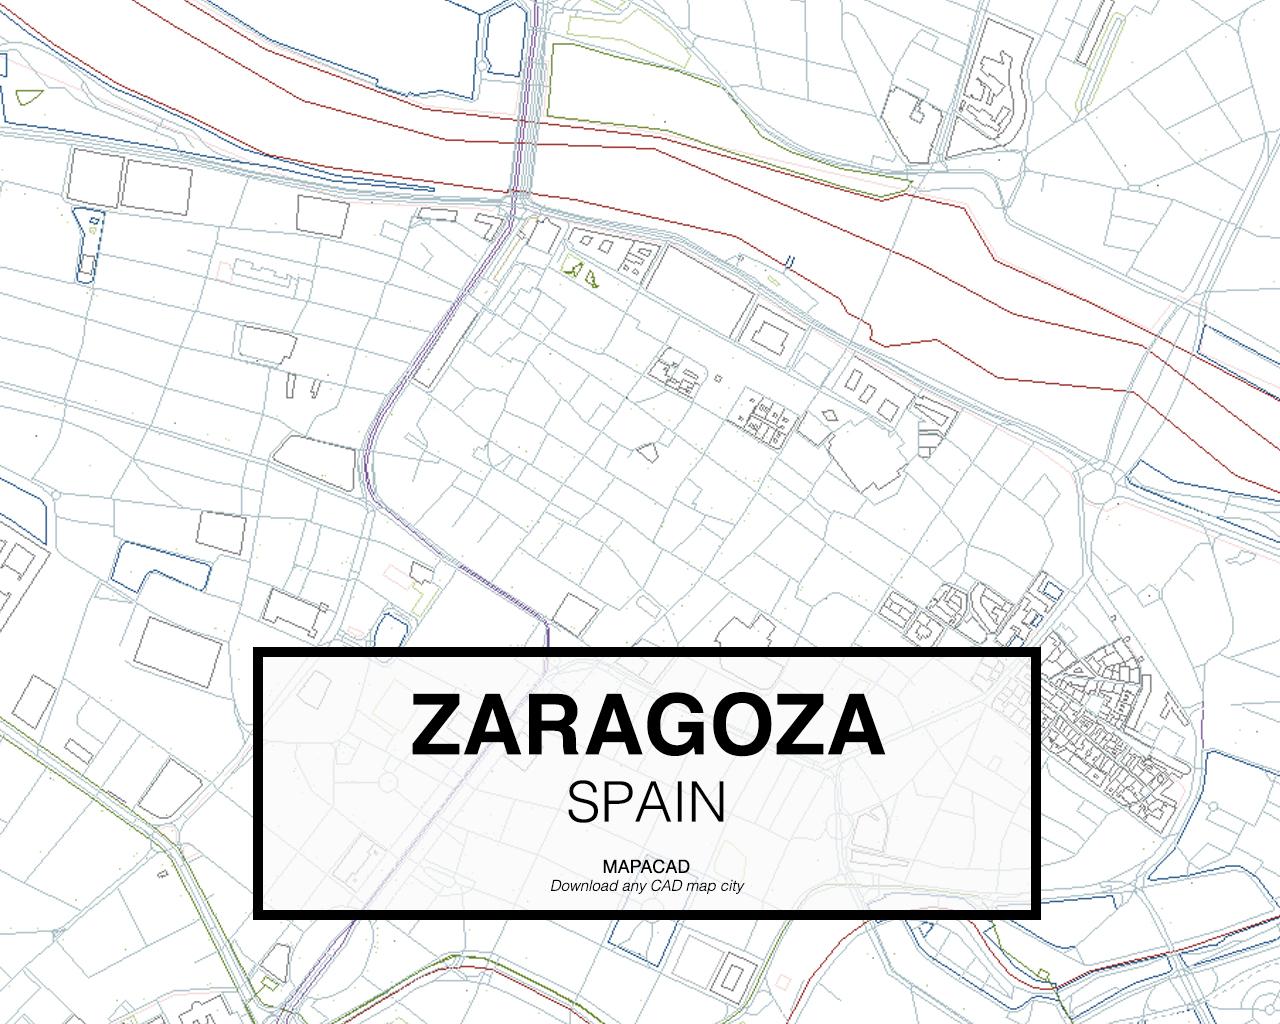 Download Zaragoza DWG - Mapacad on